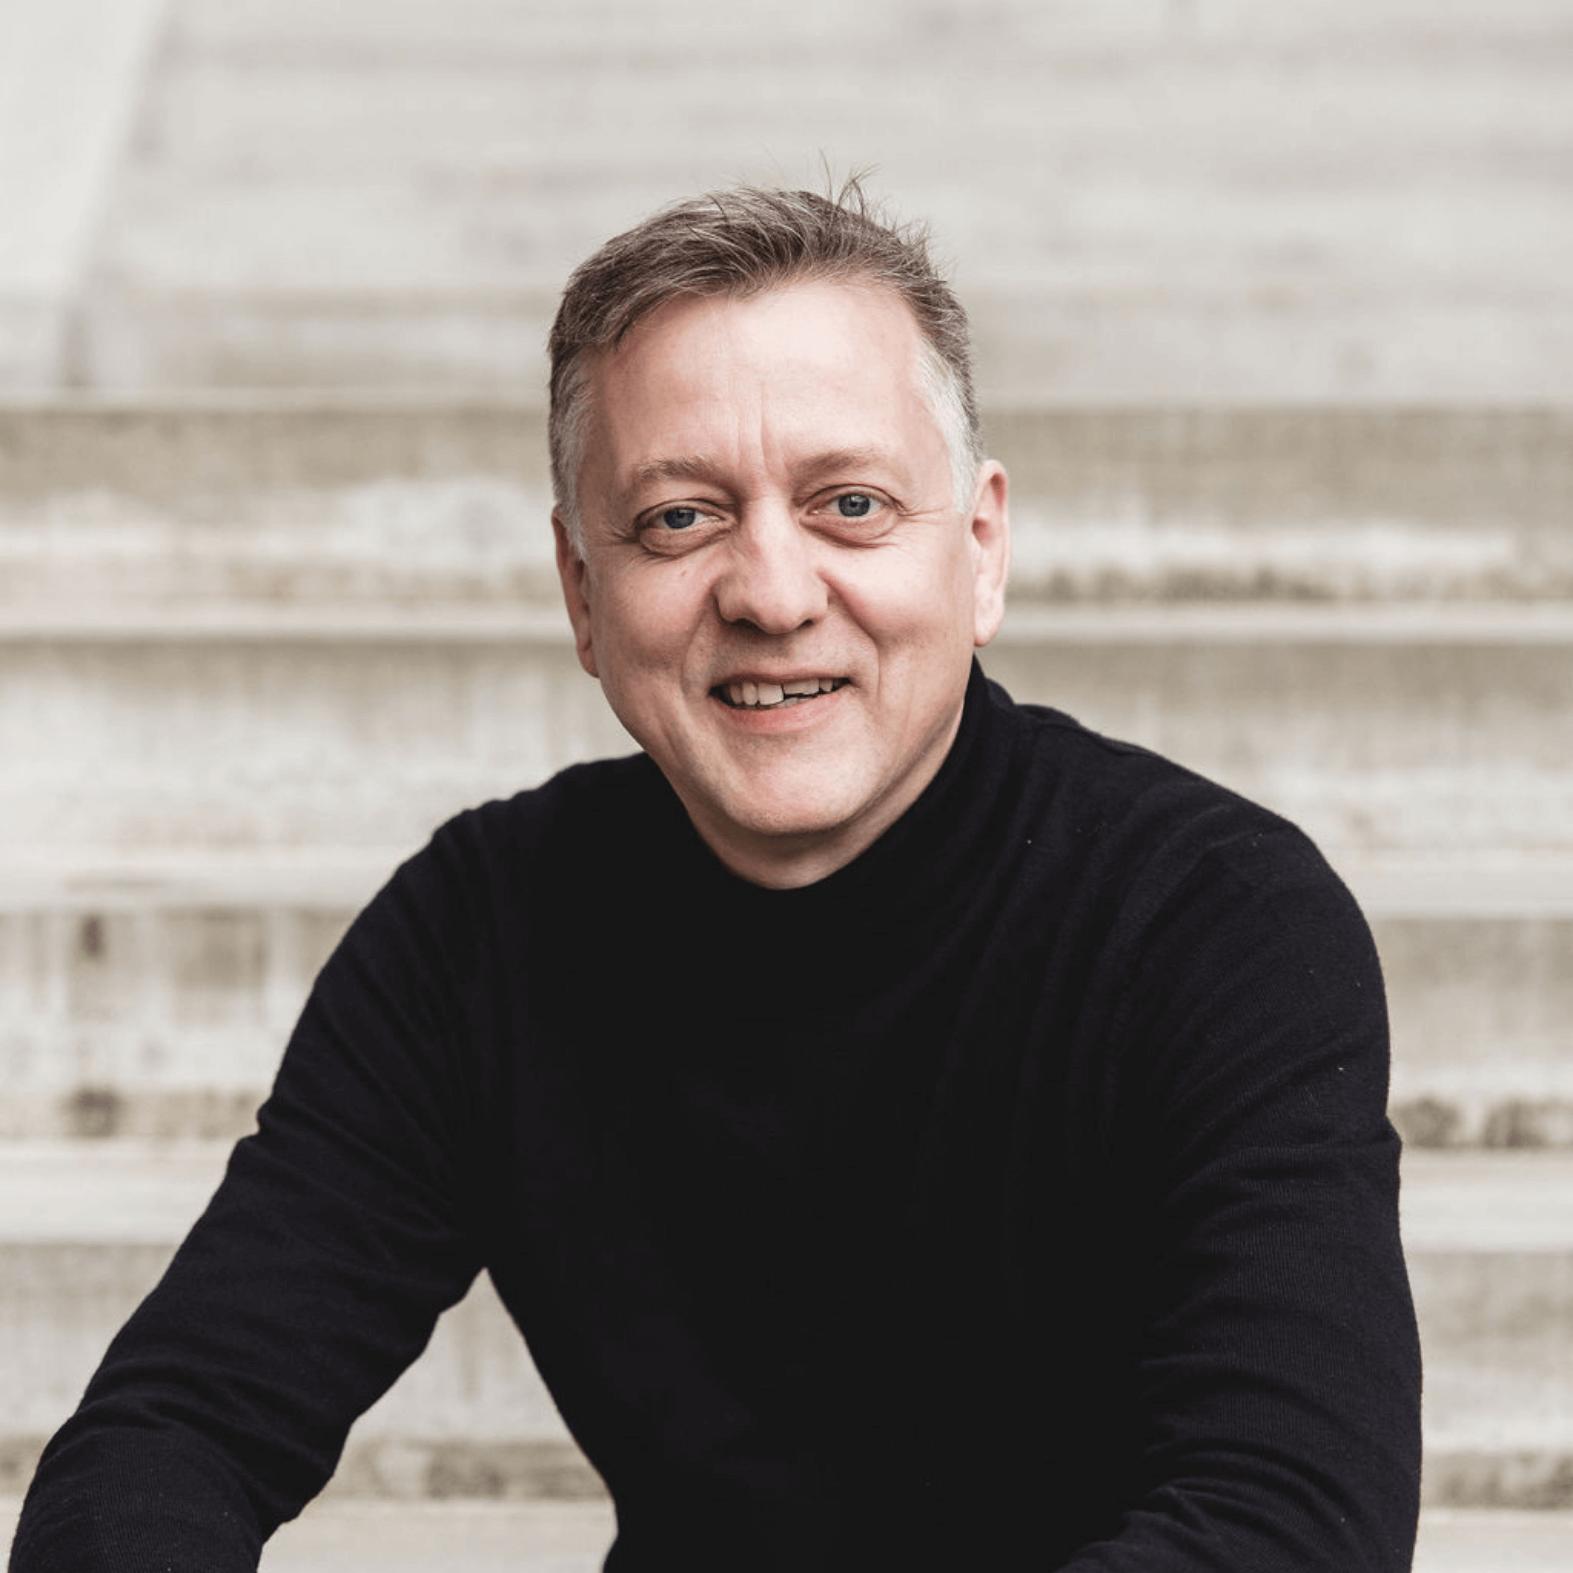 Morten Høgholm Pedersen